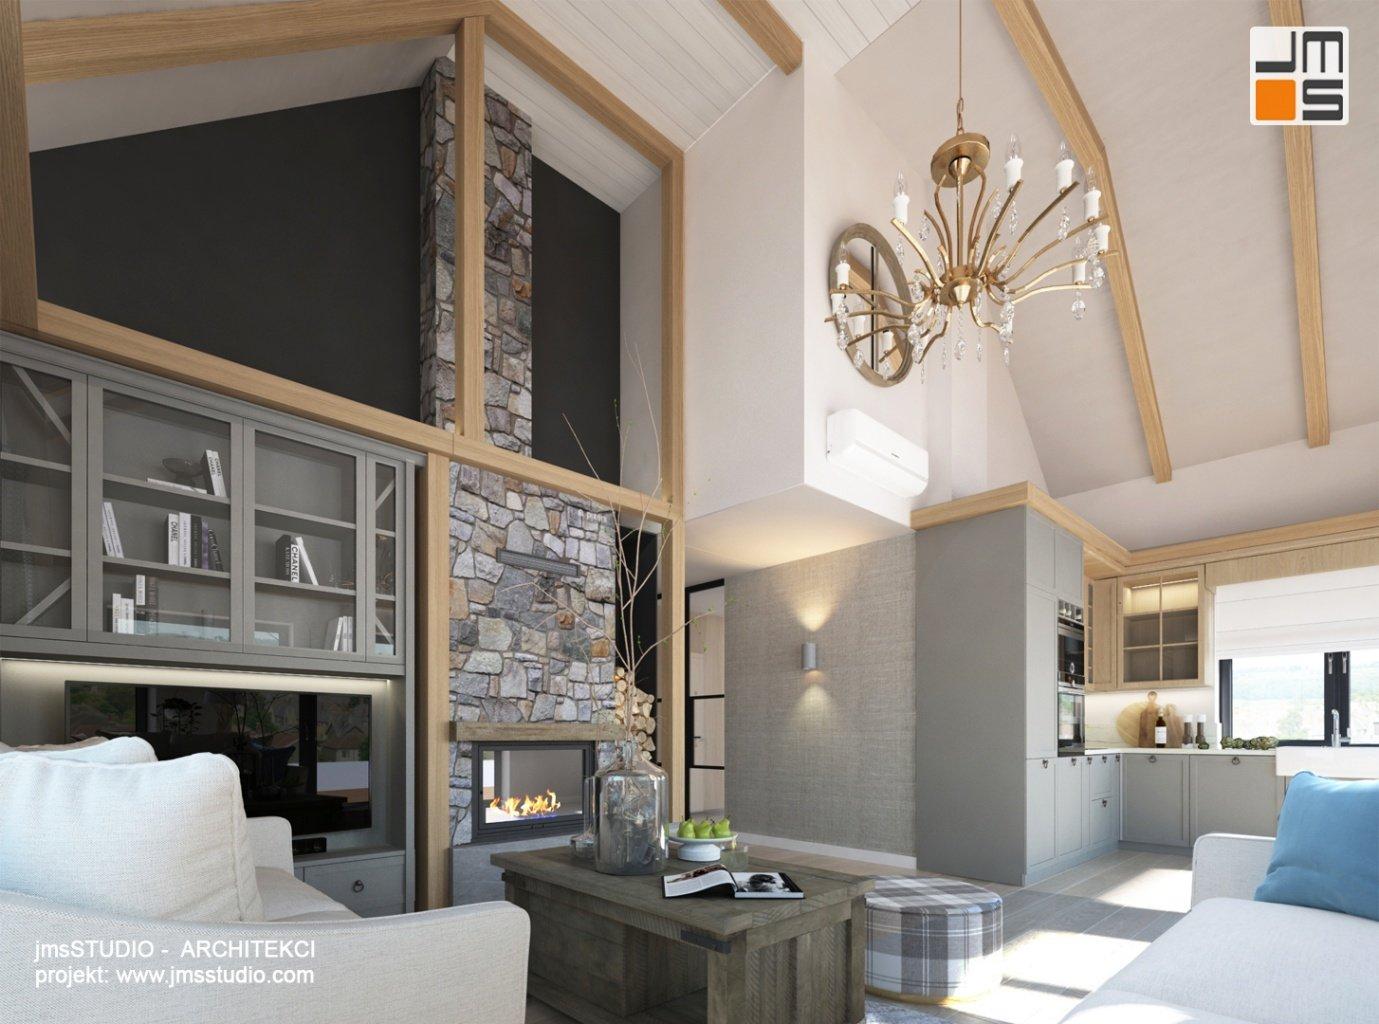 Projekt wnętrz domu rekreacyjnego w górach to kamień i drewno we wnętrzu w stylu skandynawsko tradycyjnym  z kominkiem i szarymi meblami